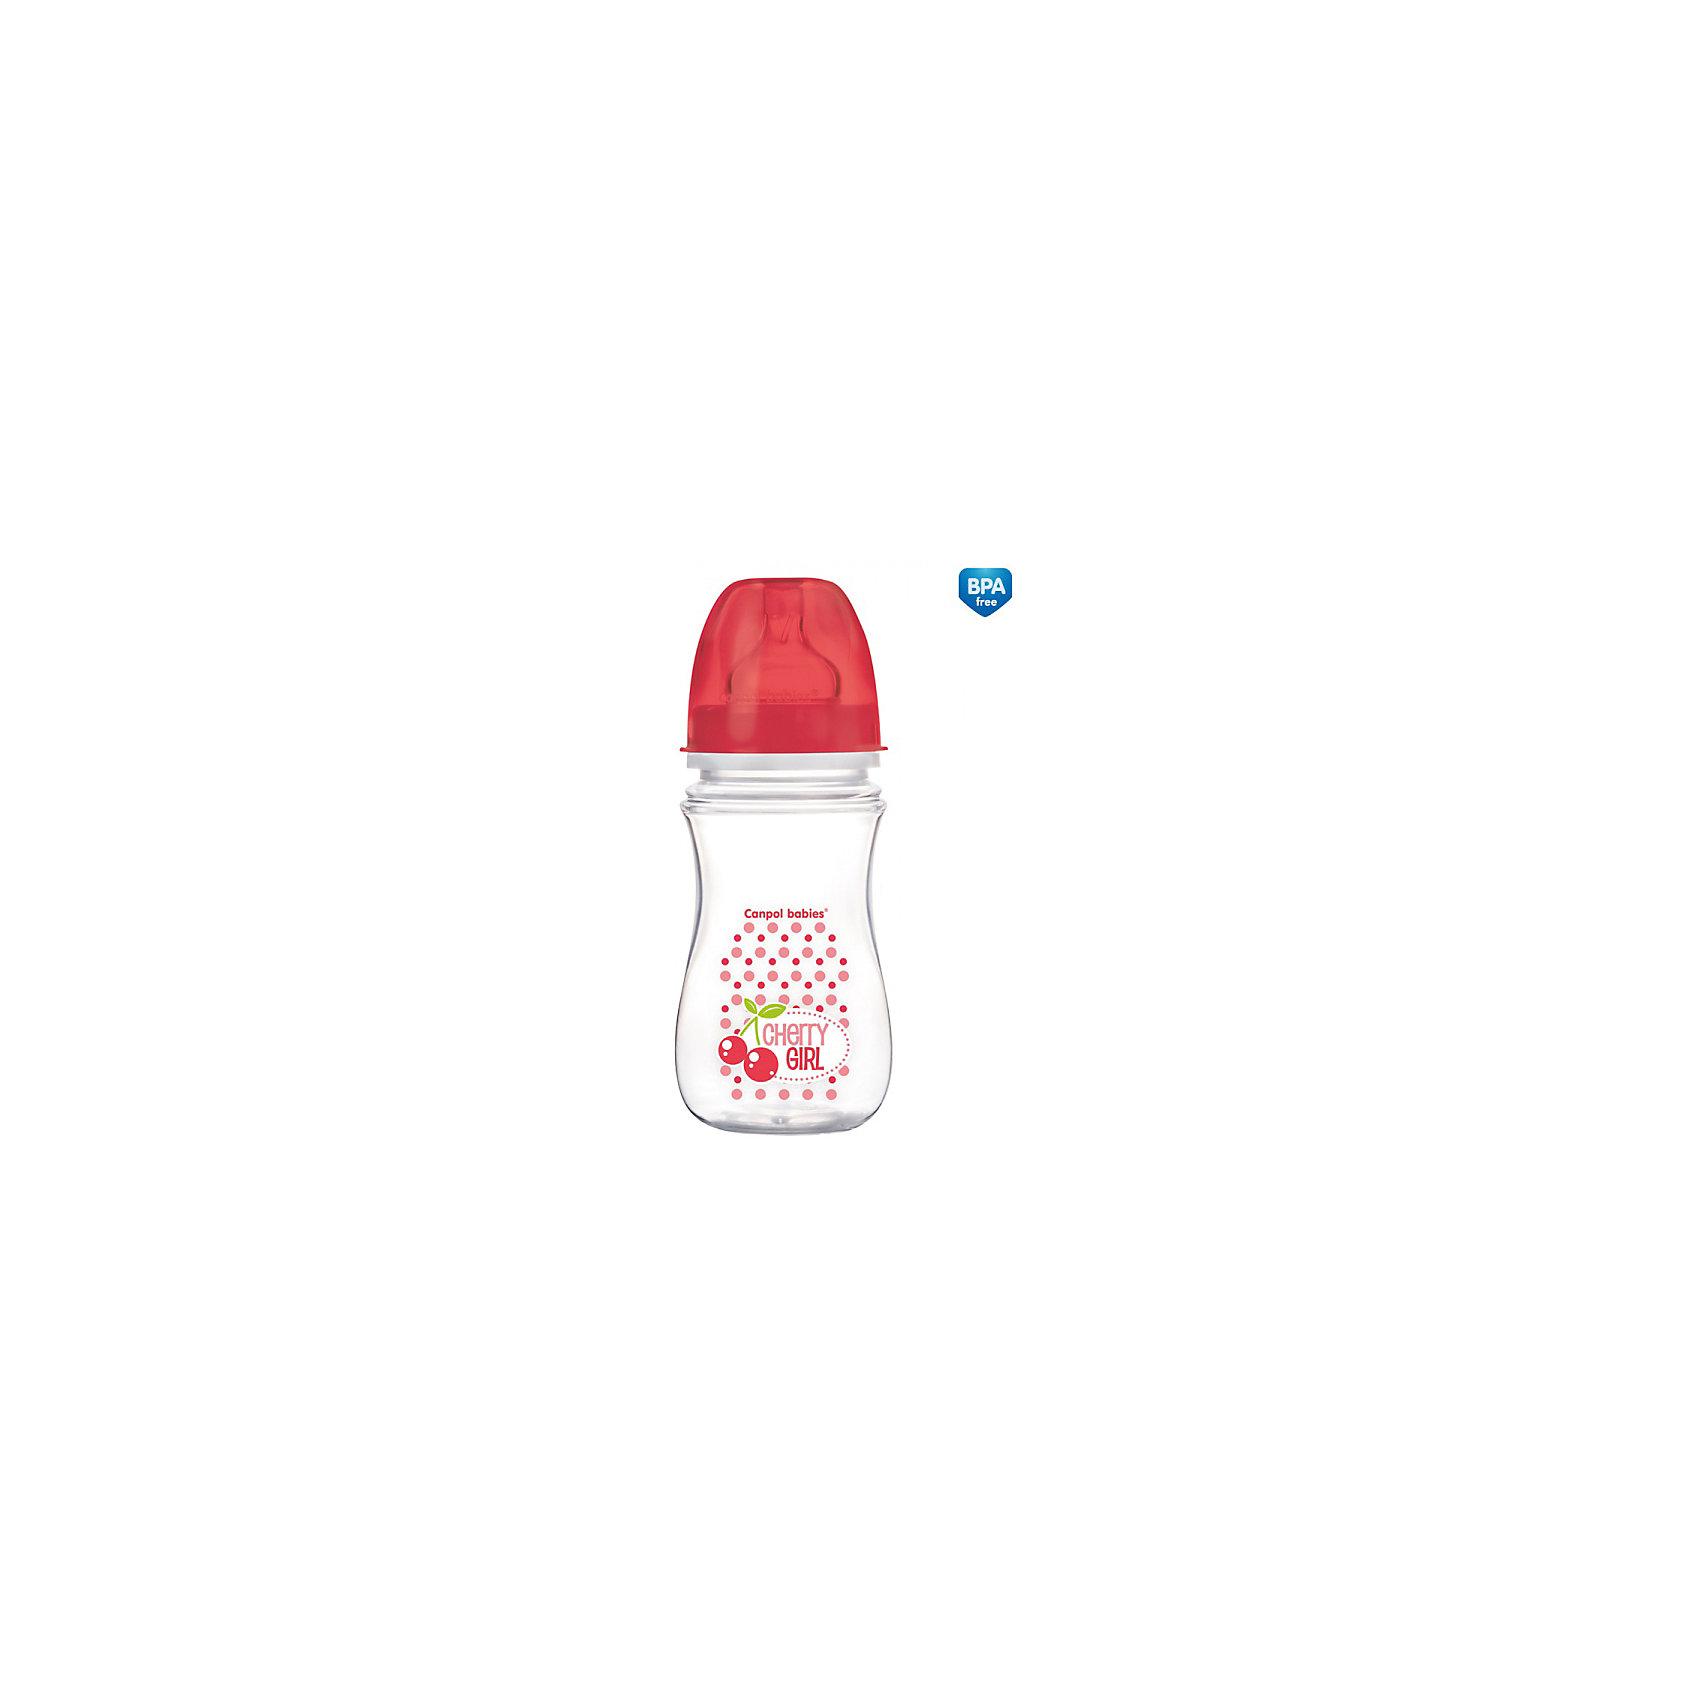 Антиколиковая бутылочка коллекция Фрукты, 240 мл, Canpol Babies, красныйАнтиколиковая бутылочка коллекции Фрукты, Canpol Babies (Канпол Бэбис), сделает кормление малыша еще более приятным и комфортным и поможет совмещать грудное вскармливание и кормление из бутылочки. Благодаря широкой соске, повторяющей форму материнской груди сосательные движения малыша будут такими же, как при кормлении грудью, что значительно снижает риск отказа от груди. Усовершенствованный воздухоотводящий клапан позволяет предотвратить заглатывание воздуха и возникновение колик. Соска со средним потоком контролирует поступающее количество питания, что помогает сократить риск переедания. <br><br>Бутылочка изготовлена на японском оборудовании из высококачественного полипропилена нового поколения. Имеет современный привлекательный дизайн и эргономичную форму, ее очень удобно держать даже малышу. Благодаря широкому горлышку, бутылочку легко мыть и наполнять питанием. На стенке имеется мерная шкала, позволяющая точно рассчитать необходимое количество питания. <br><br>Дополнительная информация:<br><br>- Цвет: красный.<br>- Материал: полипропилен (бутылочка), силикон (соска).<br>- Объем бутылочки: 240 мл.<br>- Возраст: с 6 мес.<br>- Размер бутылочки: 21,2 х 6,5 х 6,5 см.<br>- Вес: 106 гр.<br><br>Антиколиковую бутылочку, коллекция Фрукты, 240 мл., Canpol Babies (Канпол Бэбис), красный, можно купить в нашем интернет-магазине.<br><br>Ширина мм: 65<br>Глубина мм: 65<br>Высота мм: 212<br>Вес г: 106<br>Цвет: красный<br>Возраст от месяцев: 3<br>Возраст до месяцев: 6<br>Пол: Унисекс<br>Возраст: Детский<br>SKU: 4341854